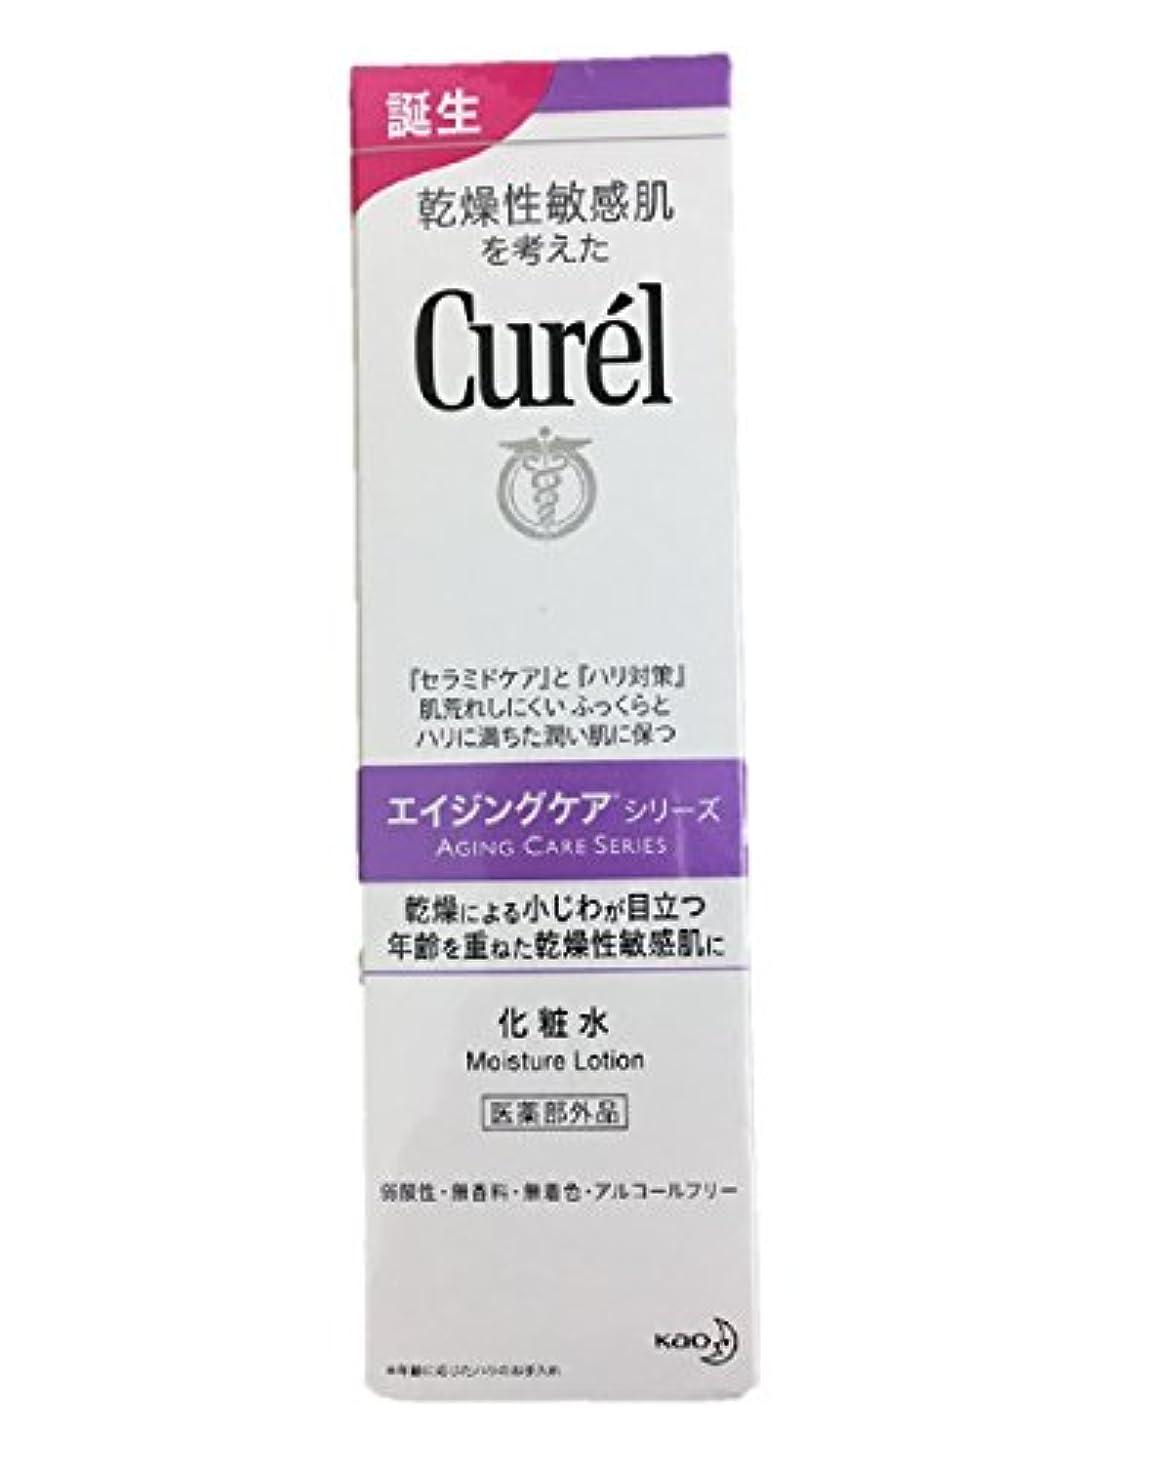 ストロー教授治療キュレル エイジングケア 化粧水140ml ×2個セット